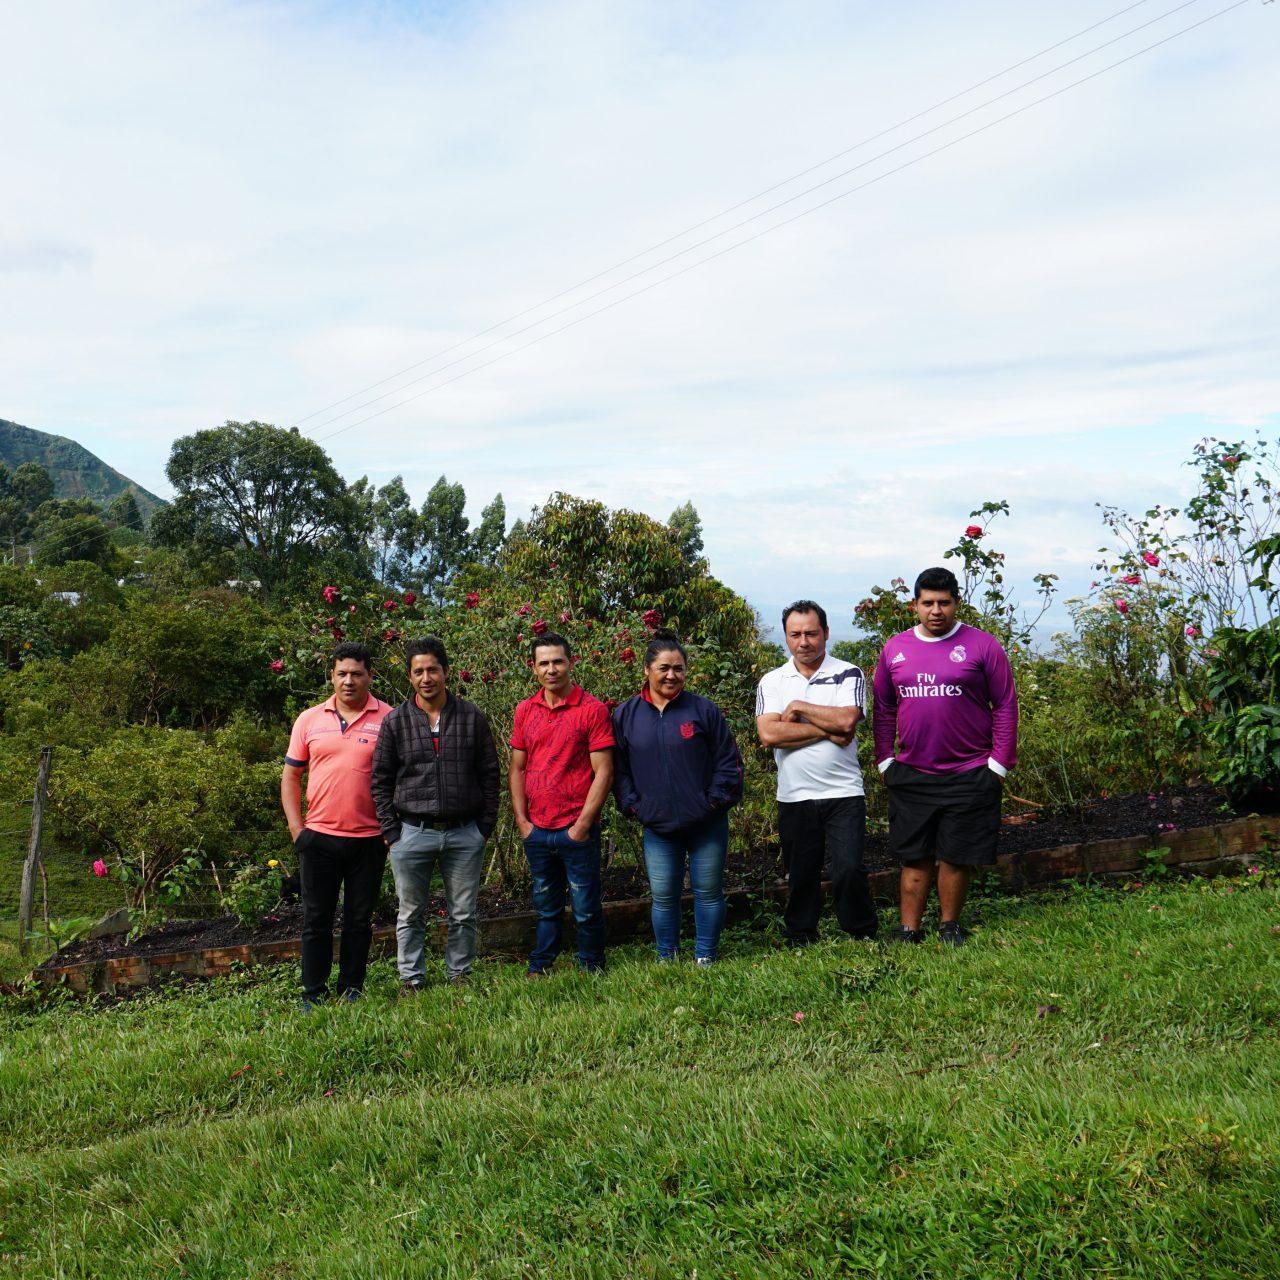 The Guarnizo siblings on their farm